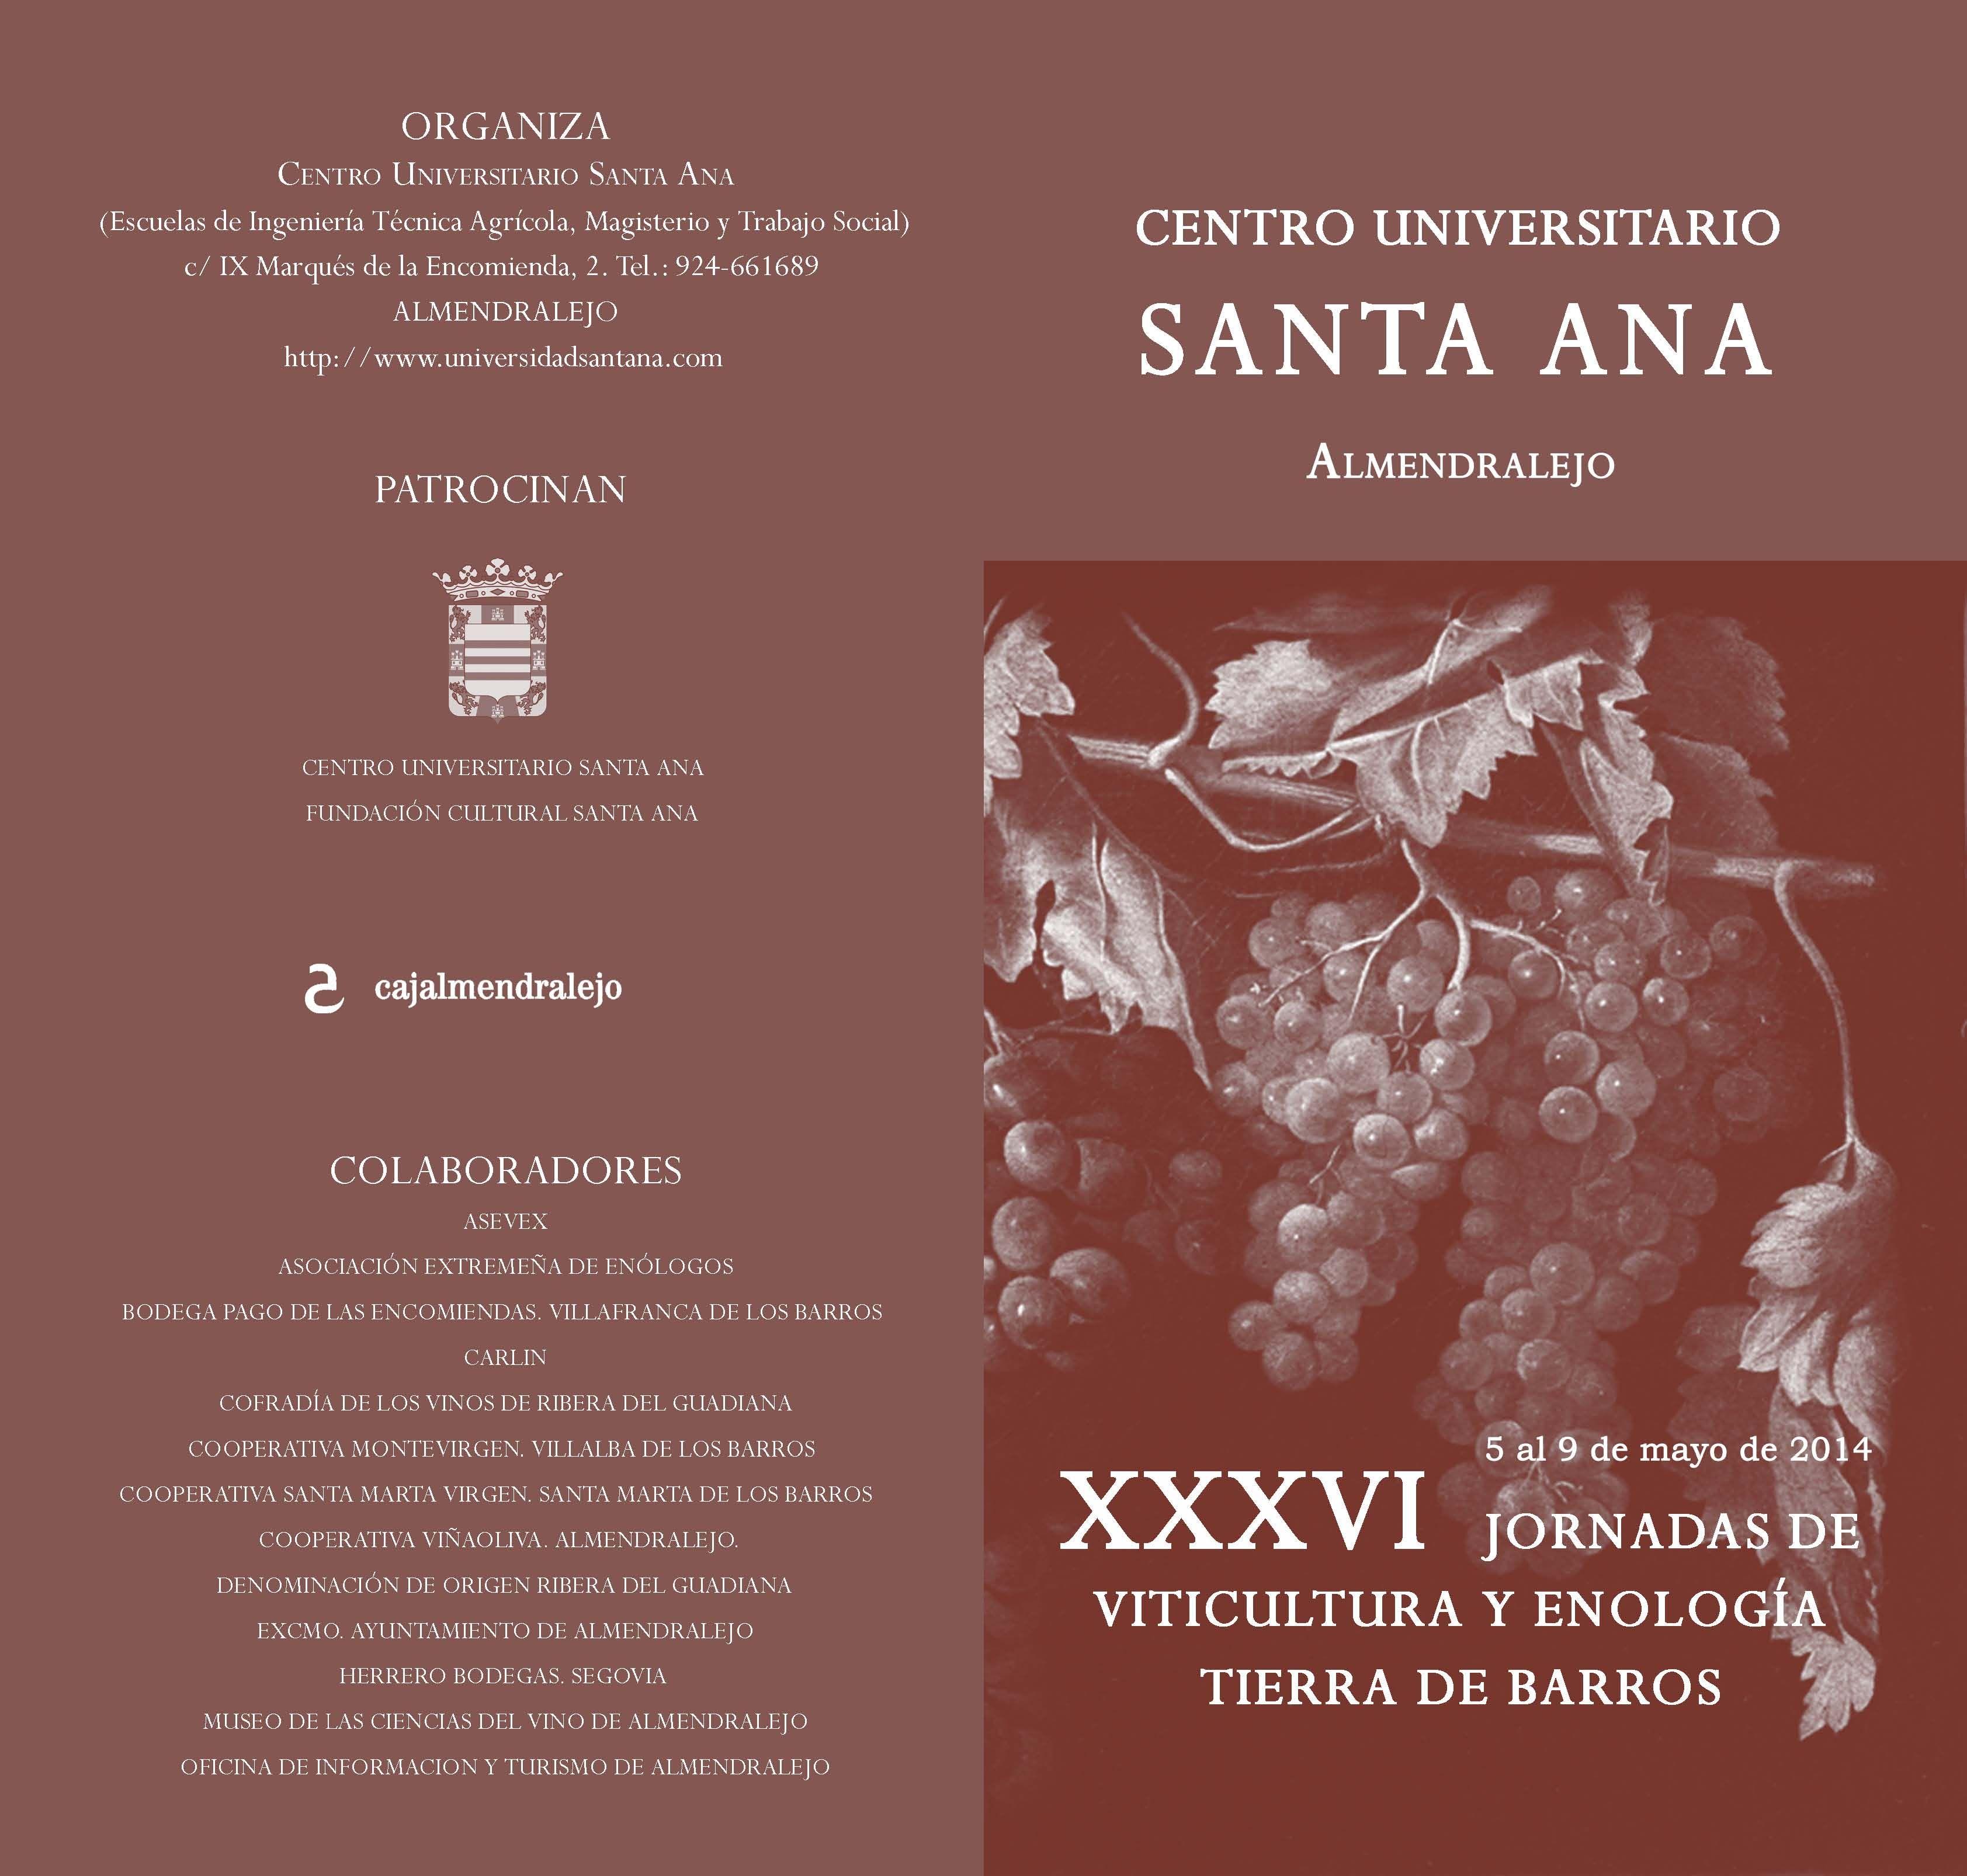 Jornadas de Viticultura y enología Tierra de Barros #formación #cultura #Badajoz #Extremadura #vino